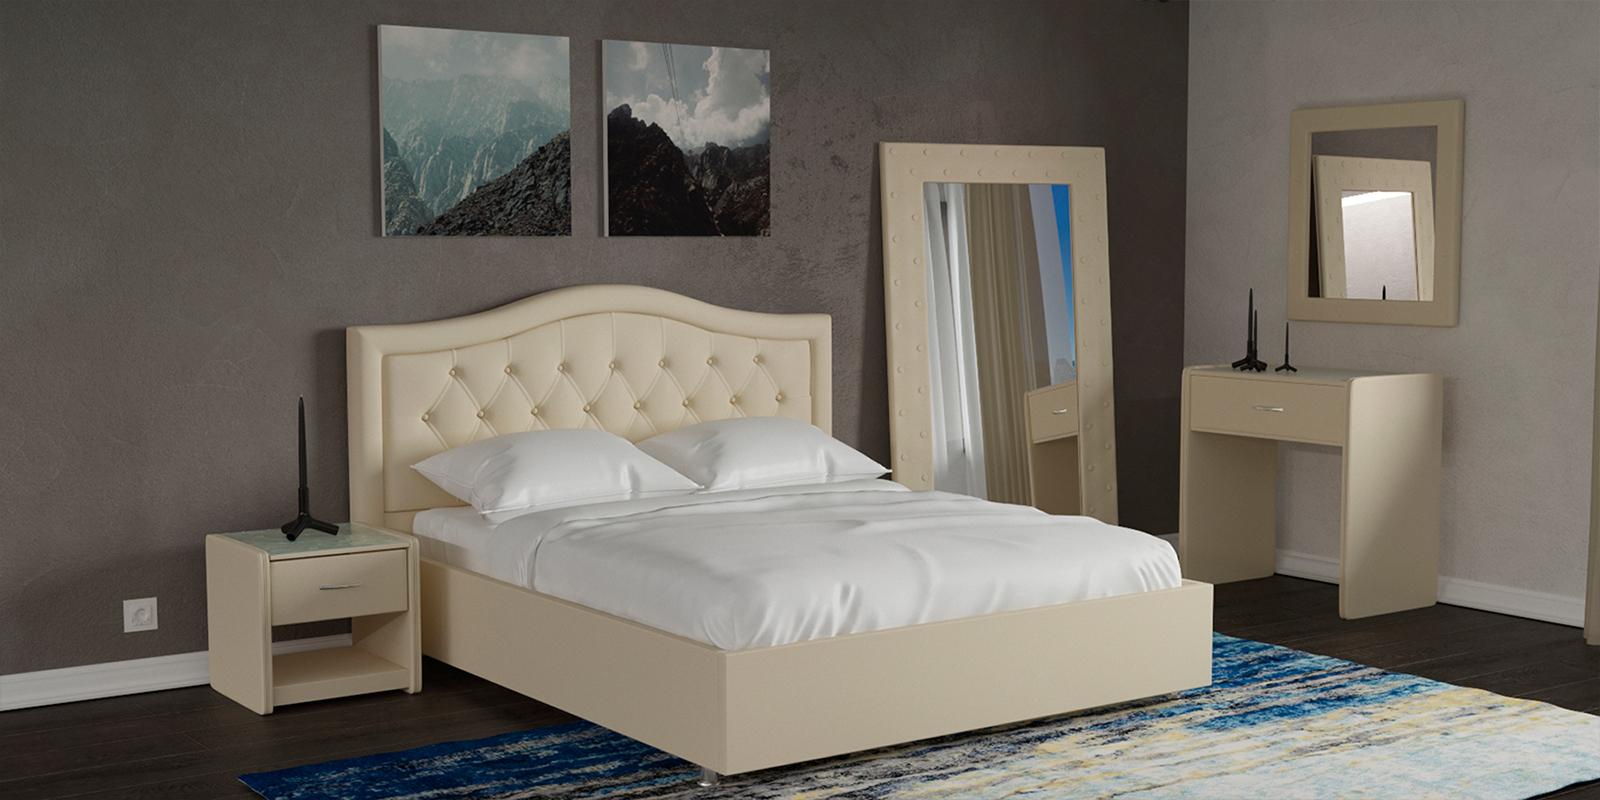 Мягкая кровать 200х160 Малибу вариант №9 с подъемным механизмом (Бежевый)